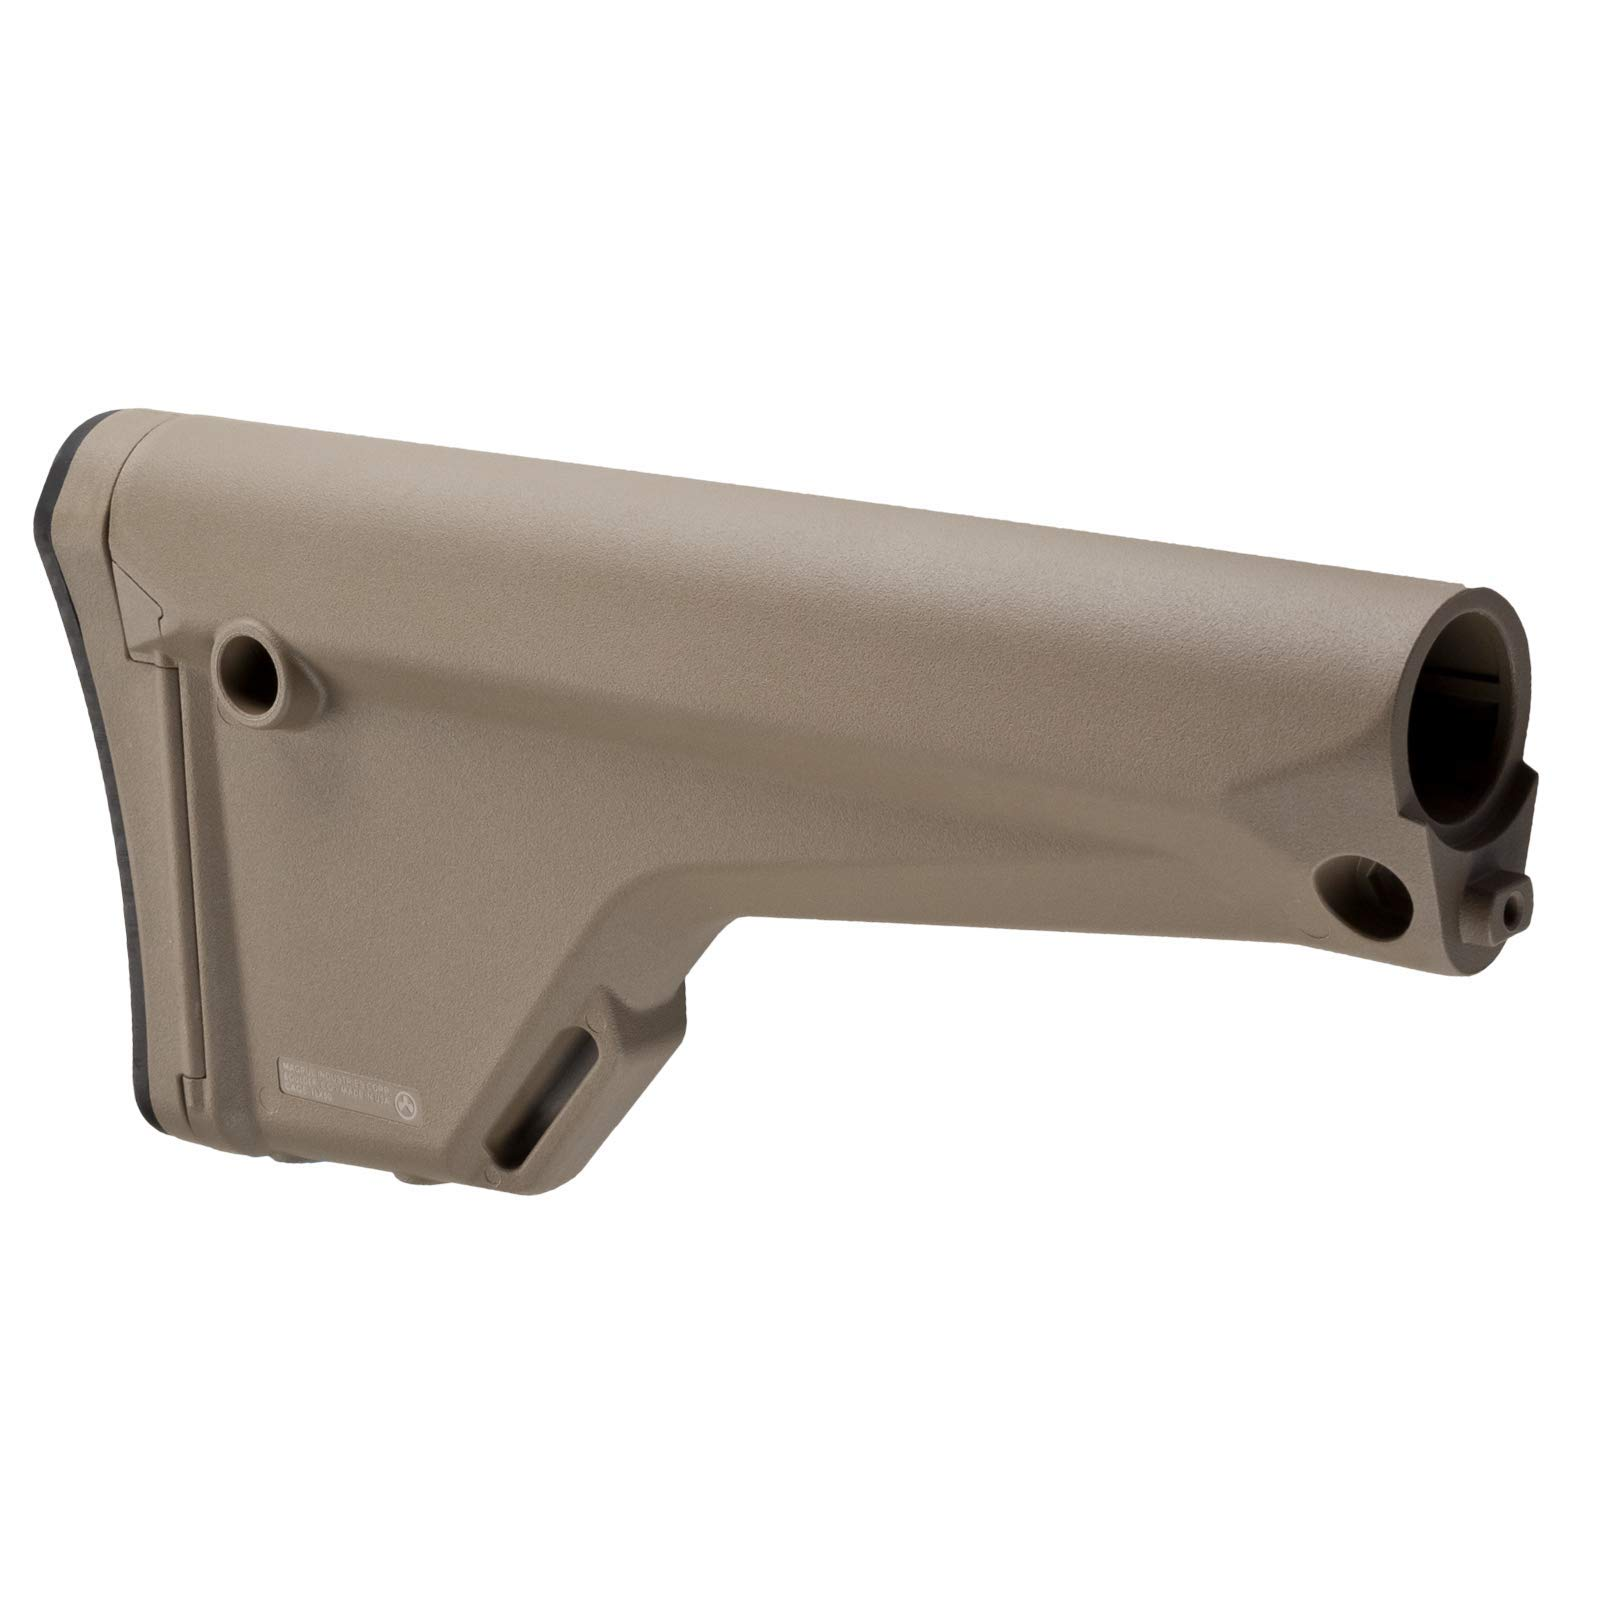 Magpul MOE Rifle Stock, Flat Dark Earth by Magpul